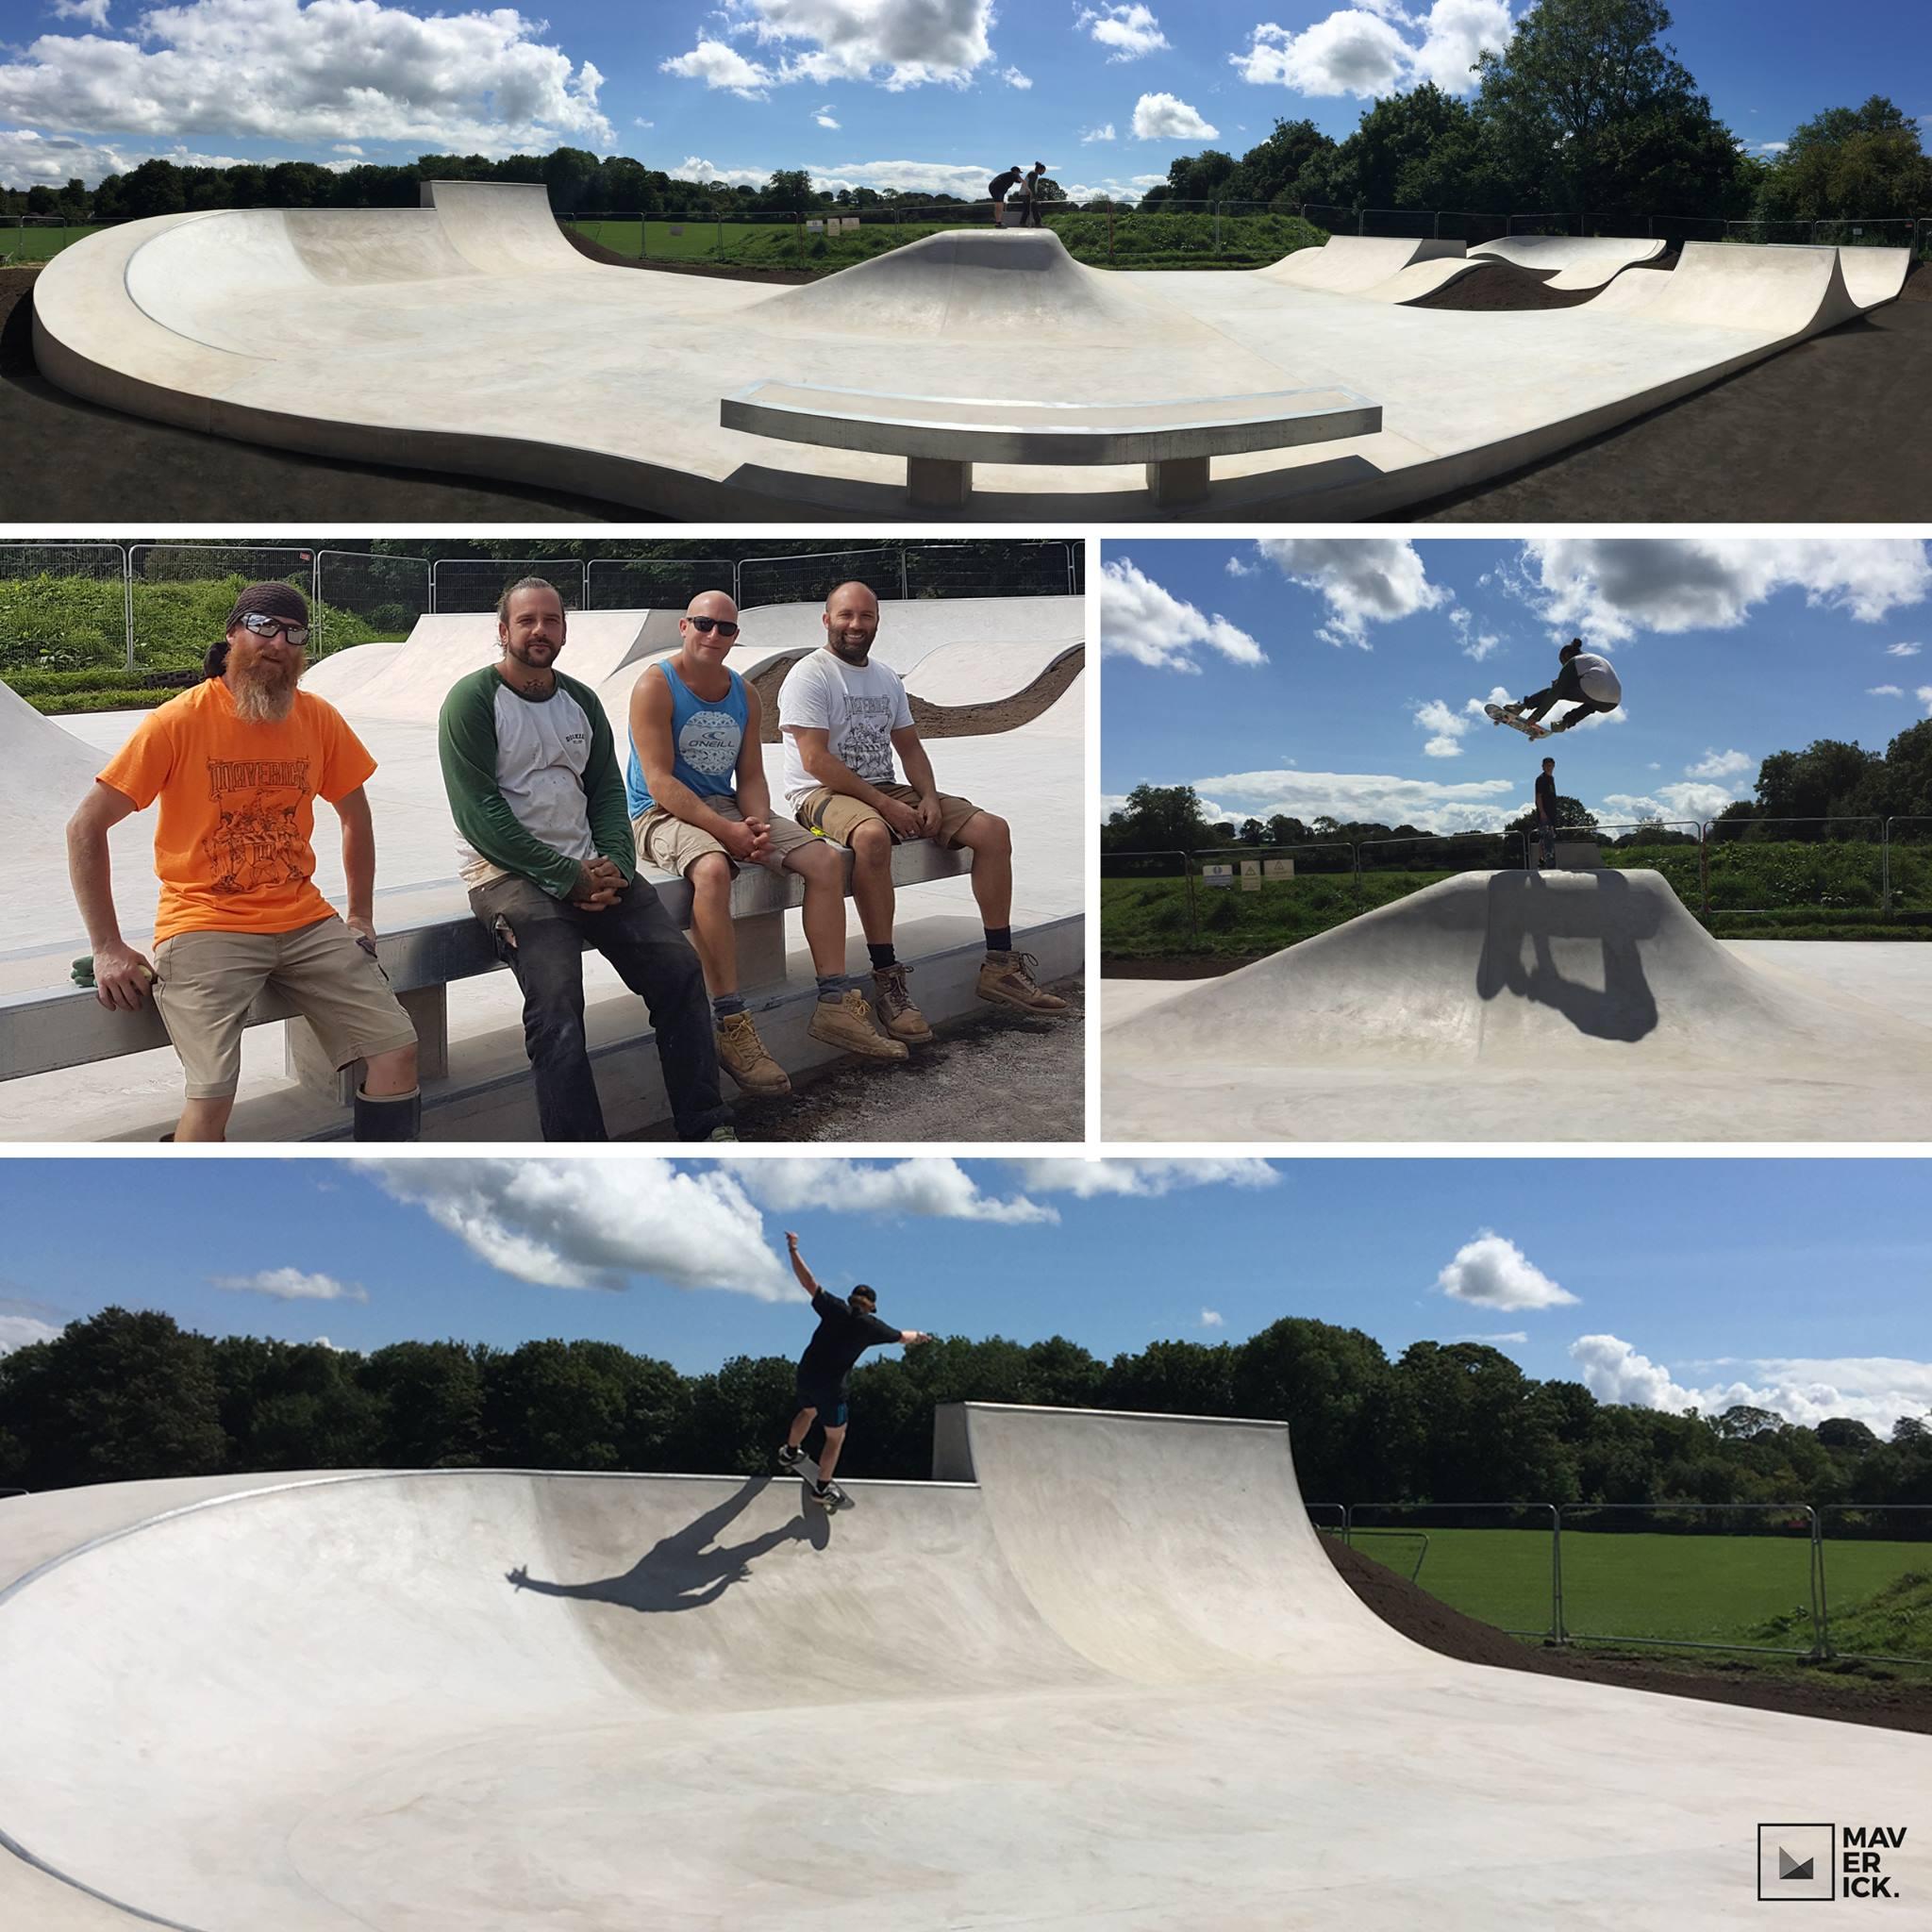 Shepton Mallet Skatepark